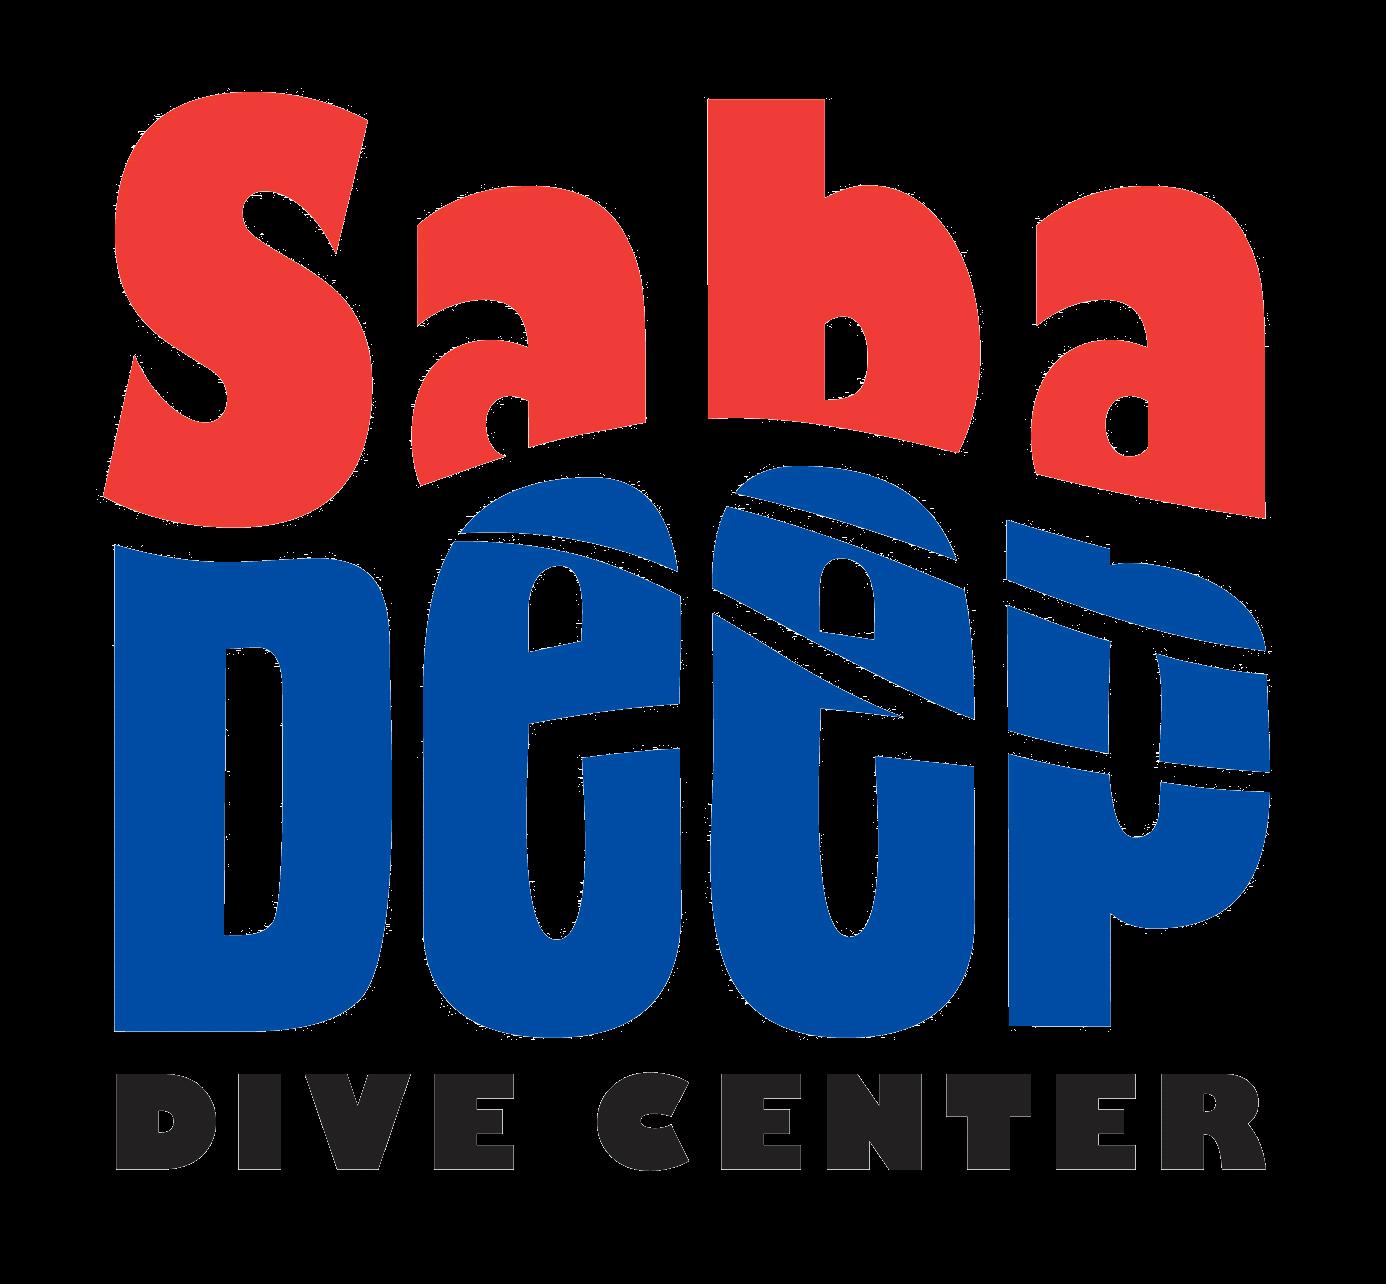 Logo_noshark.png